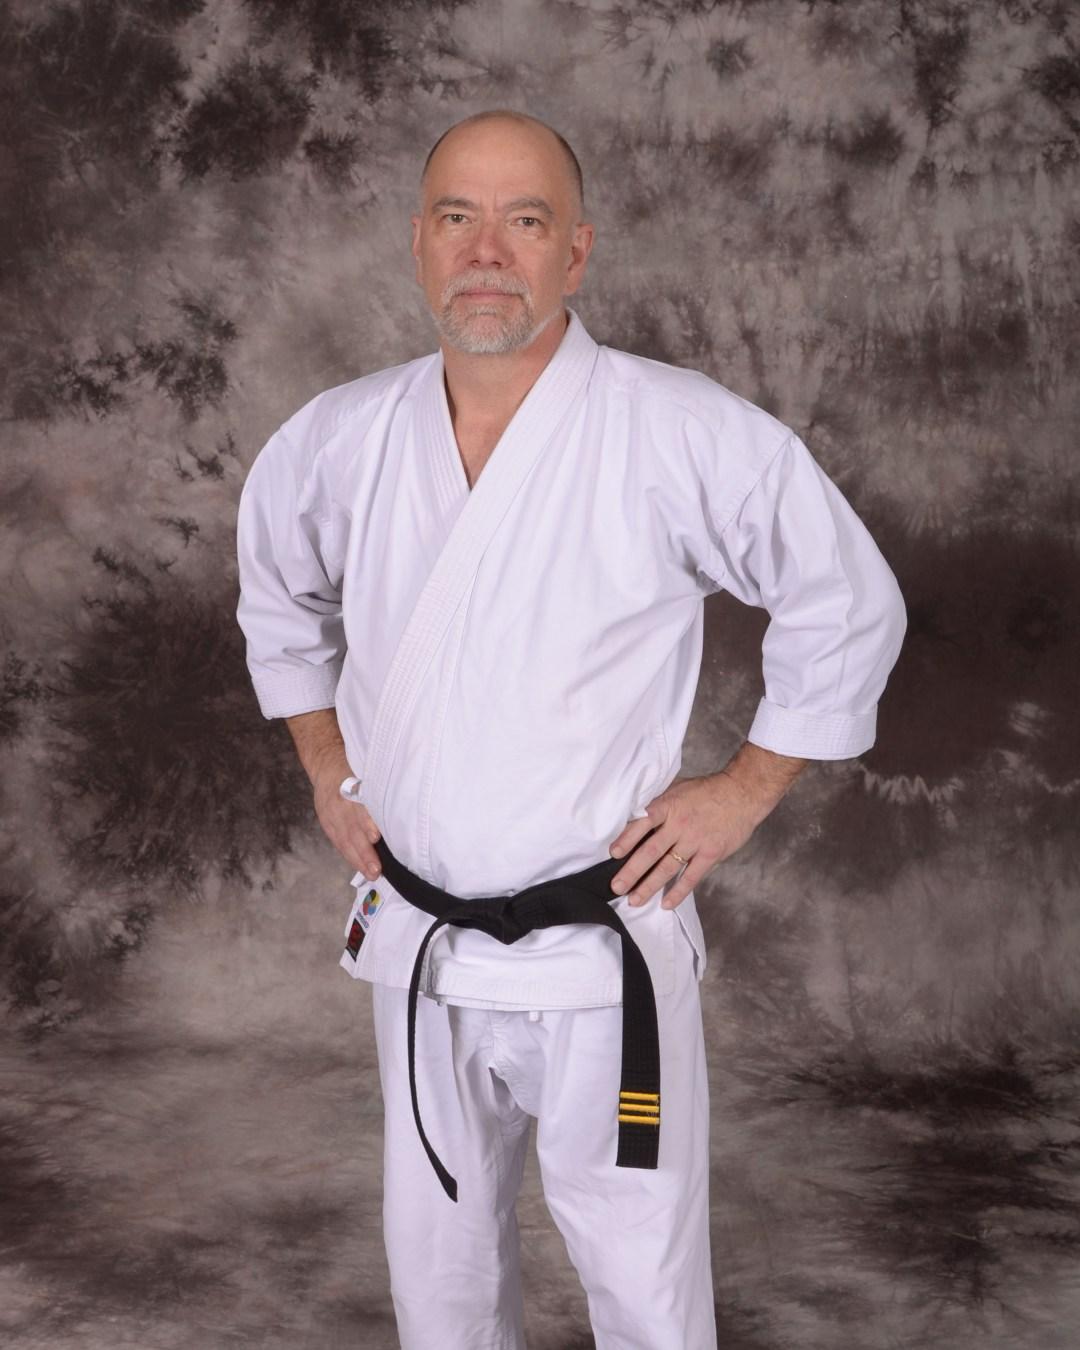 Mike Cwiklinski